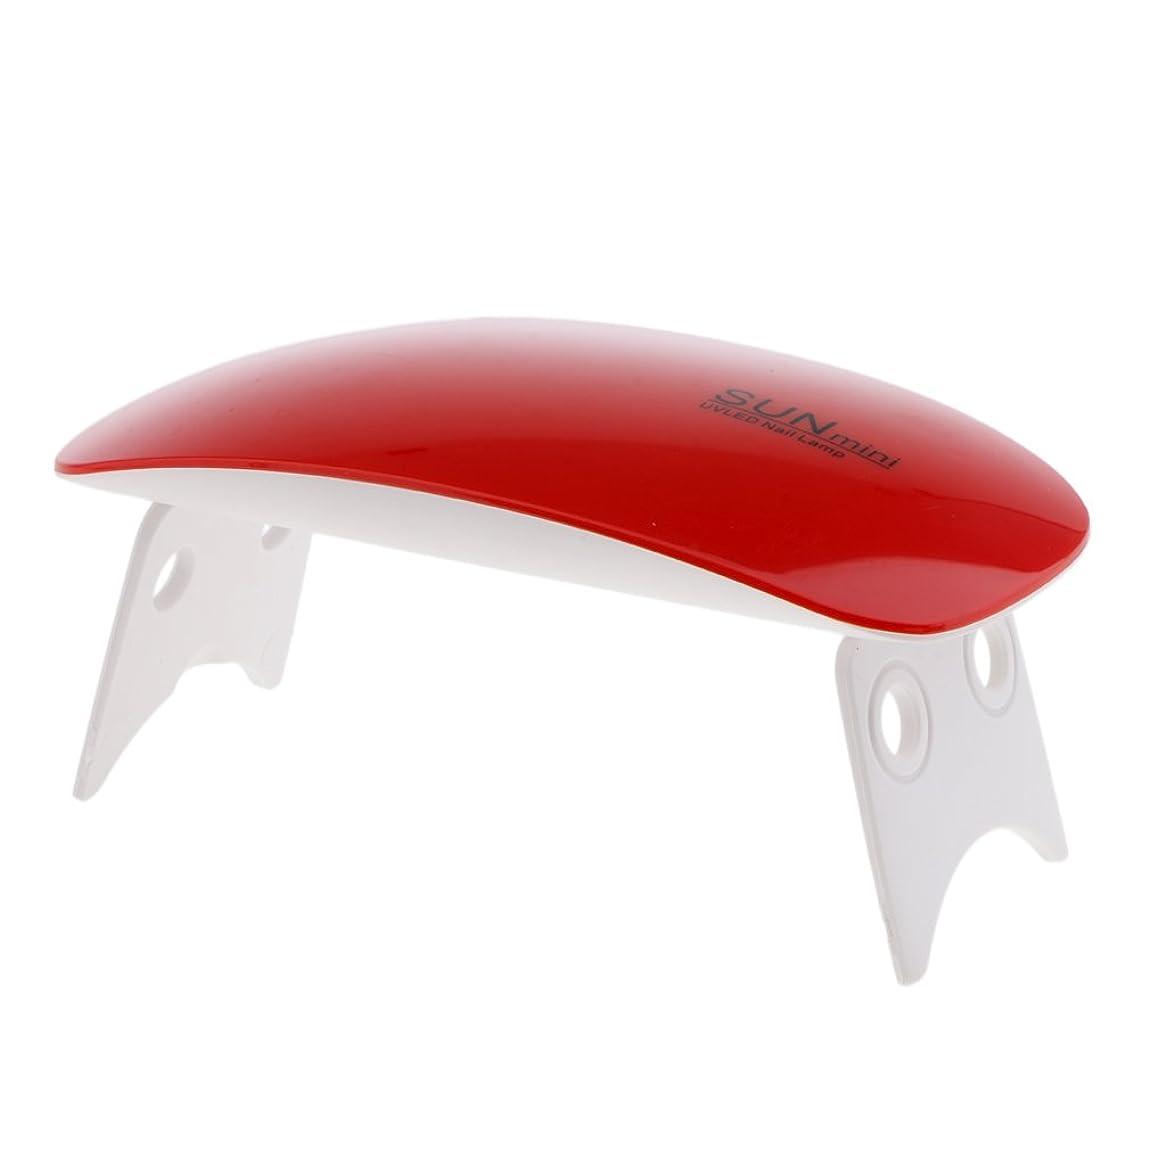 見積りキャッシュ立法Blesiya ネイルランプ ネイルドライヤーランプ ネイルアートマシン USB式 9W 2色選べる - ワインレッド